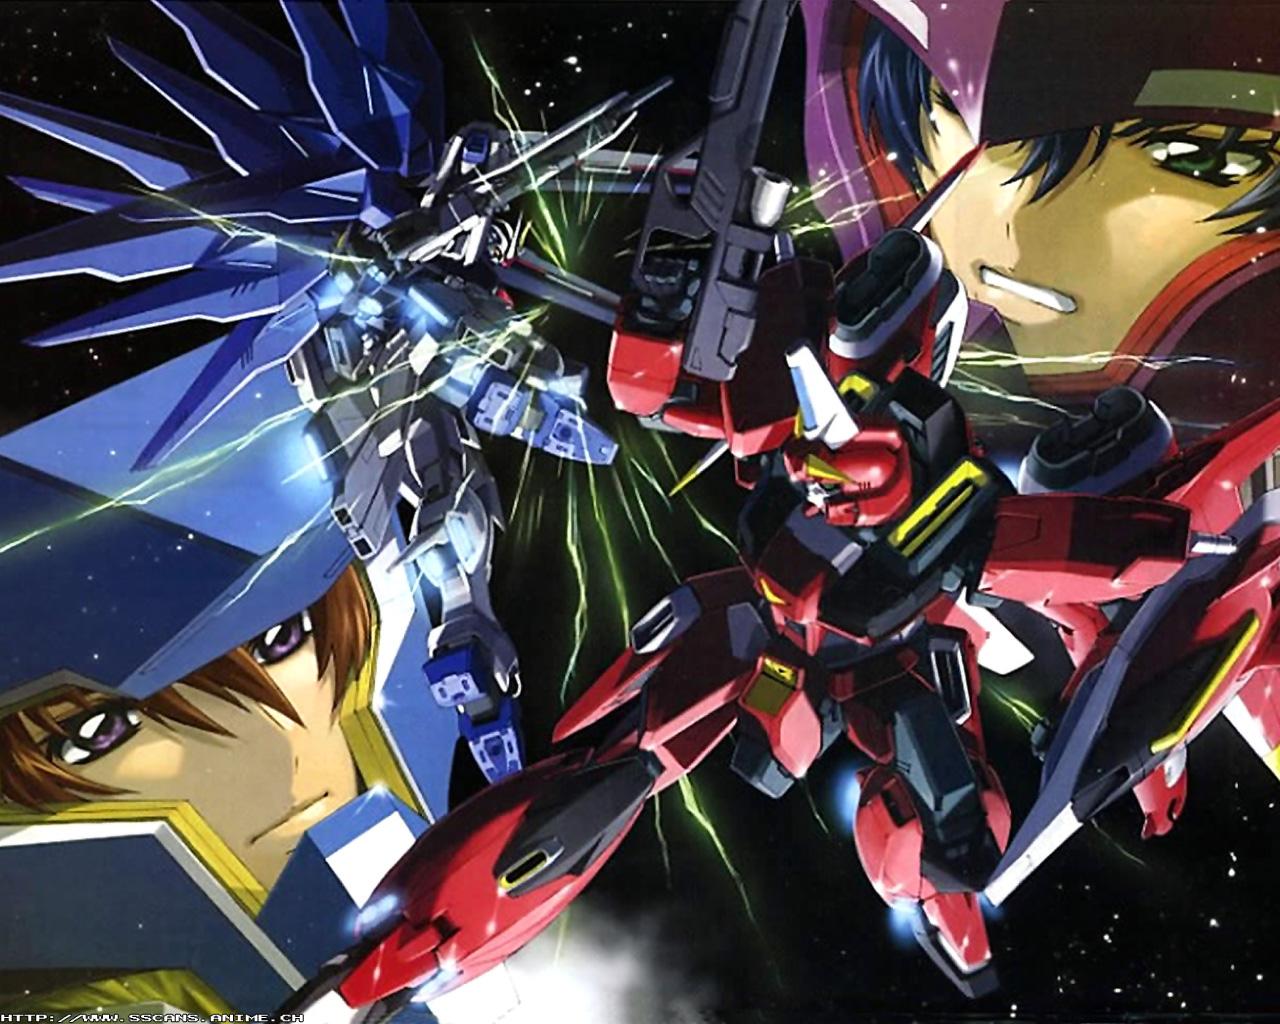 Anime Action Romance Yg Bikin Nangis Abi Zeraids